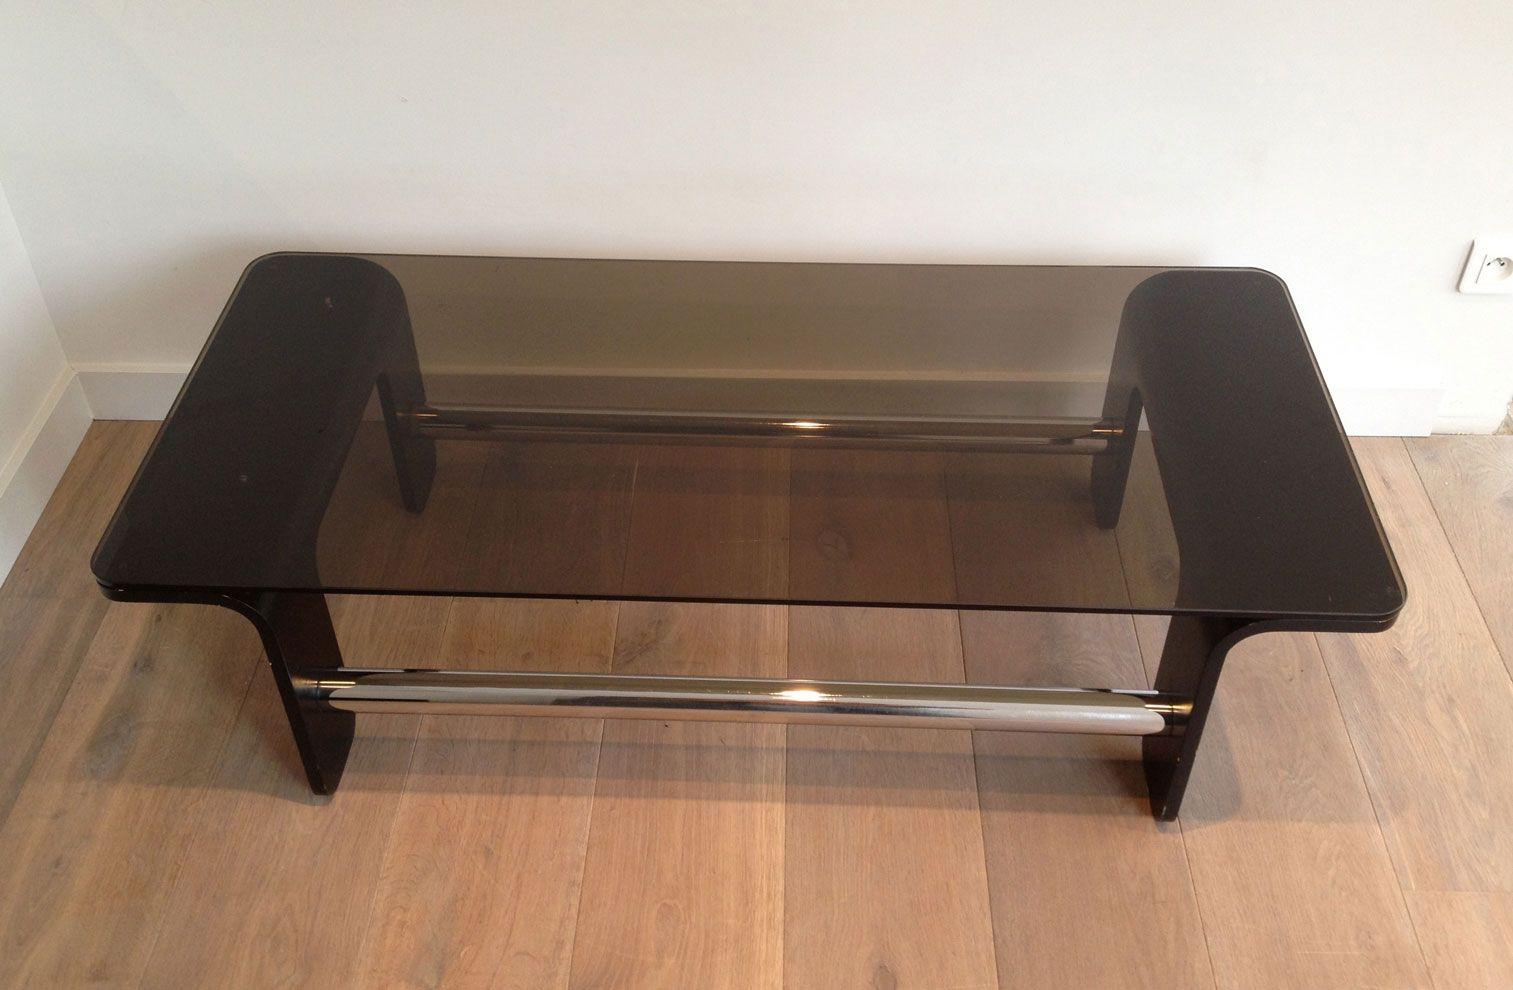 mid century couchtisch aus schwarzem holz chrom und rauchglas bei pamono kaufen. Black Bedroom Furniture Sets. Home Design Ideas